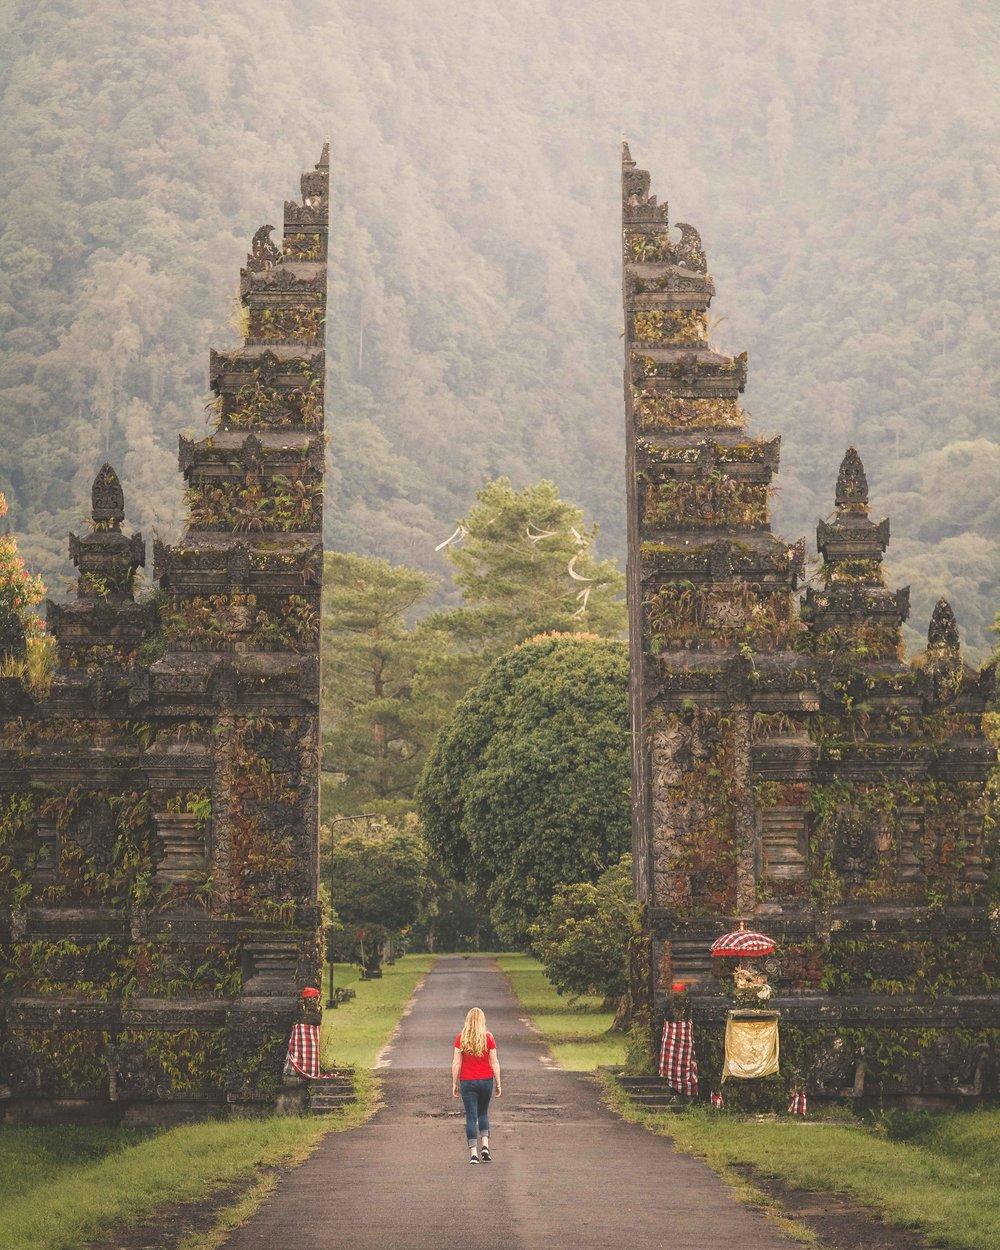 Most Instagrammable Spots in Bali - Handara Gate